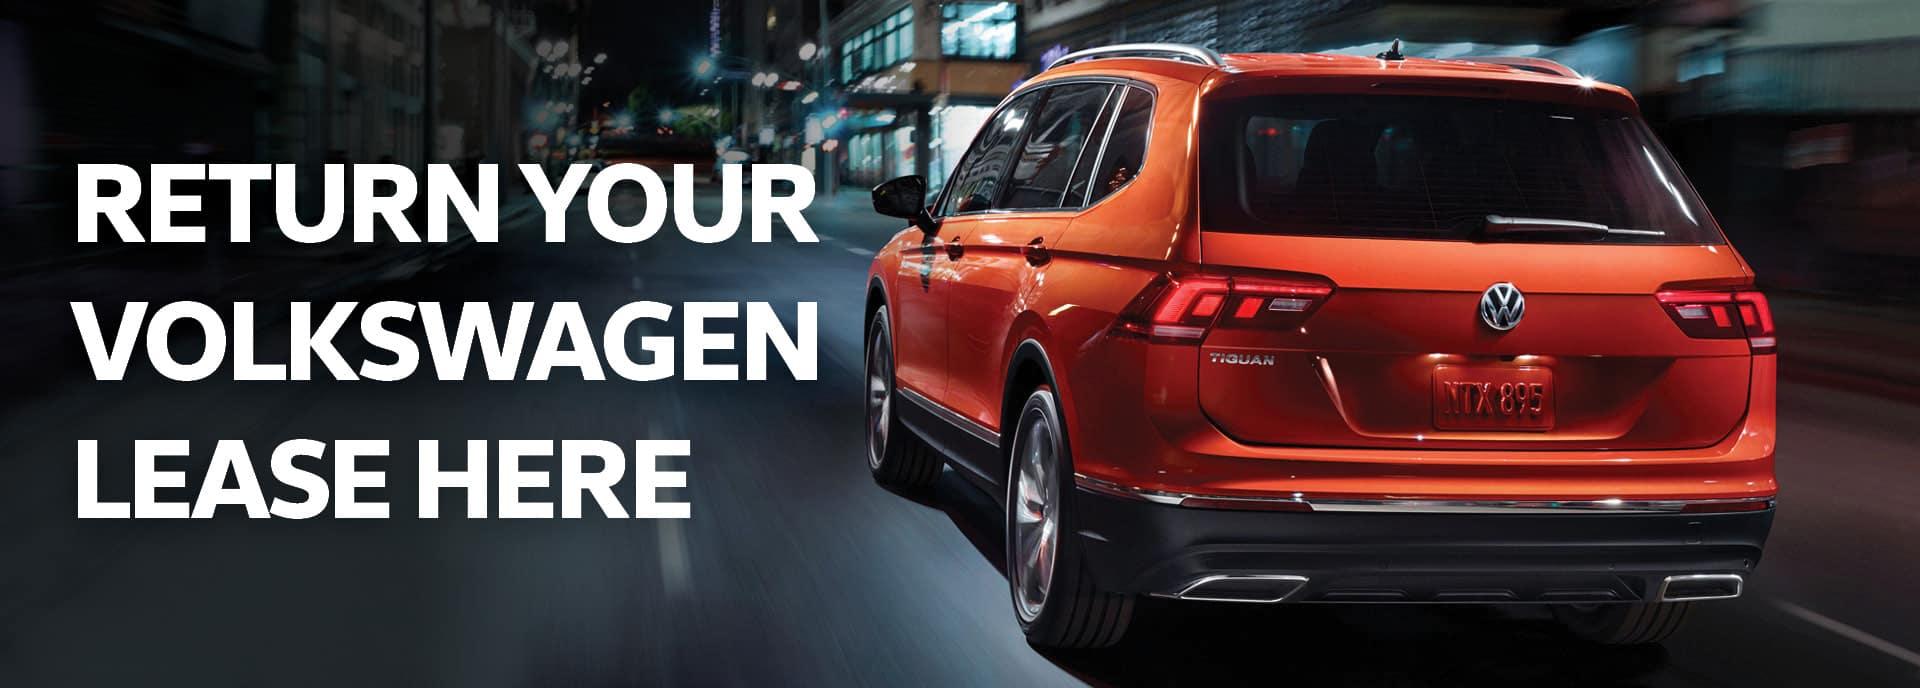 """""""Return your Volkswagen lease here"""" banner"""